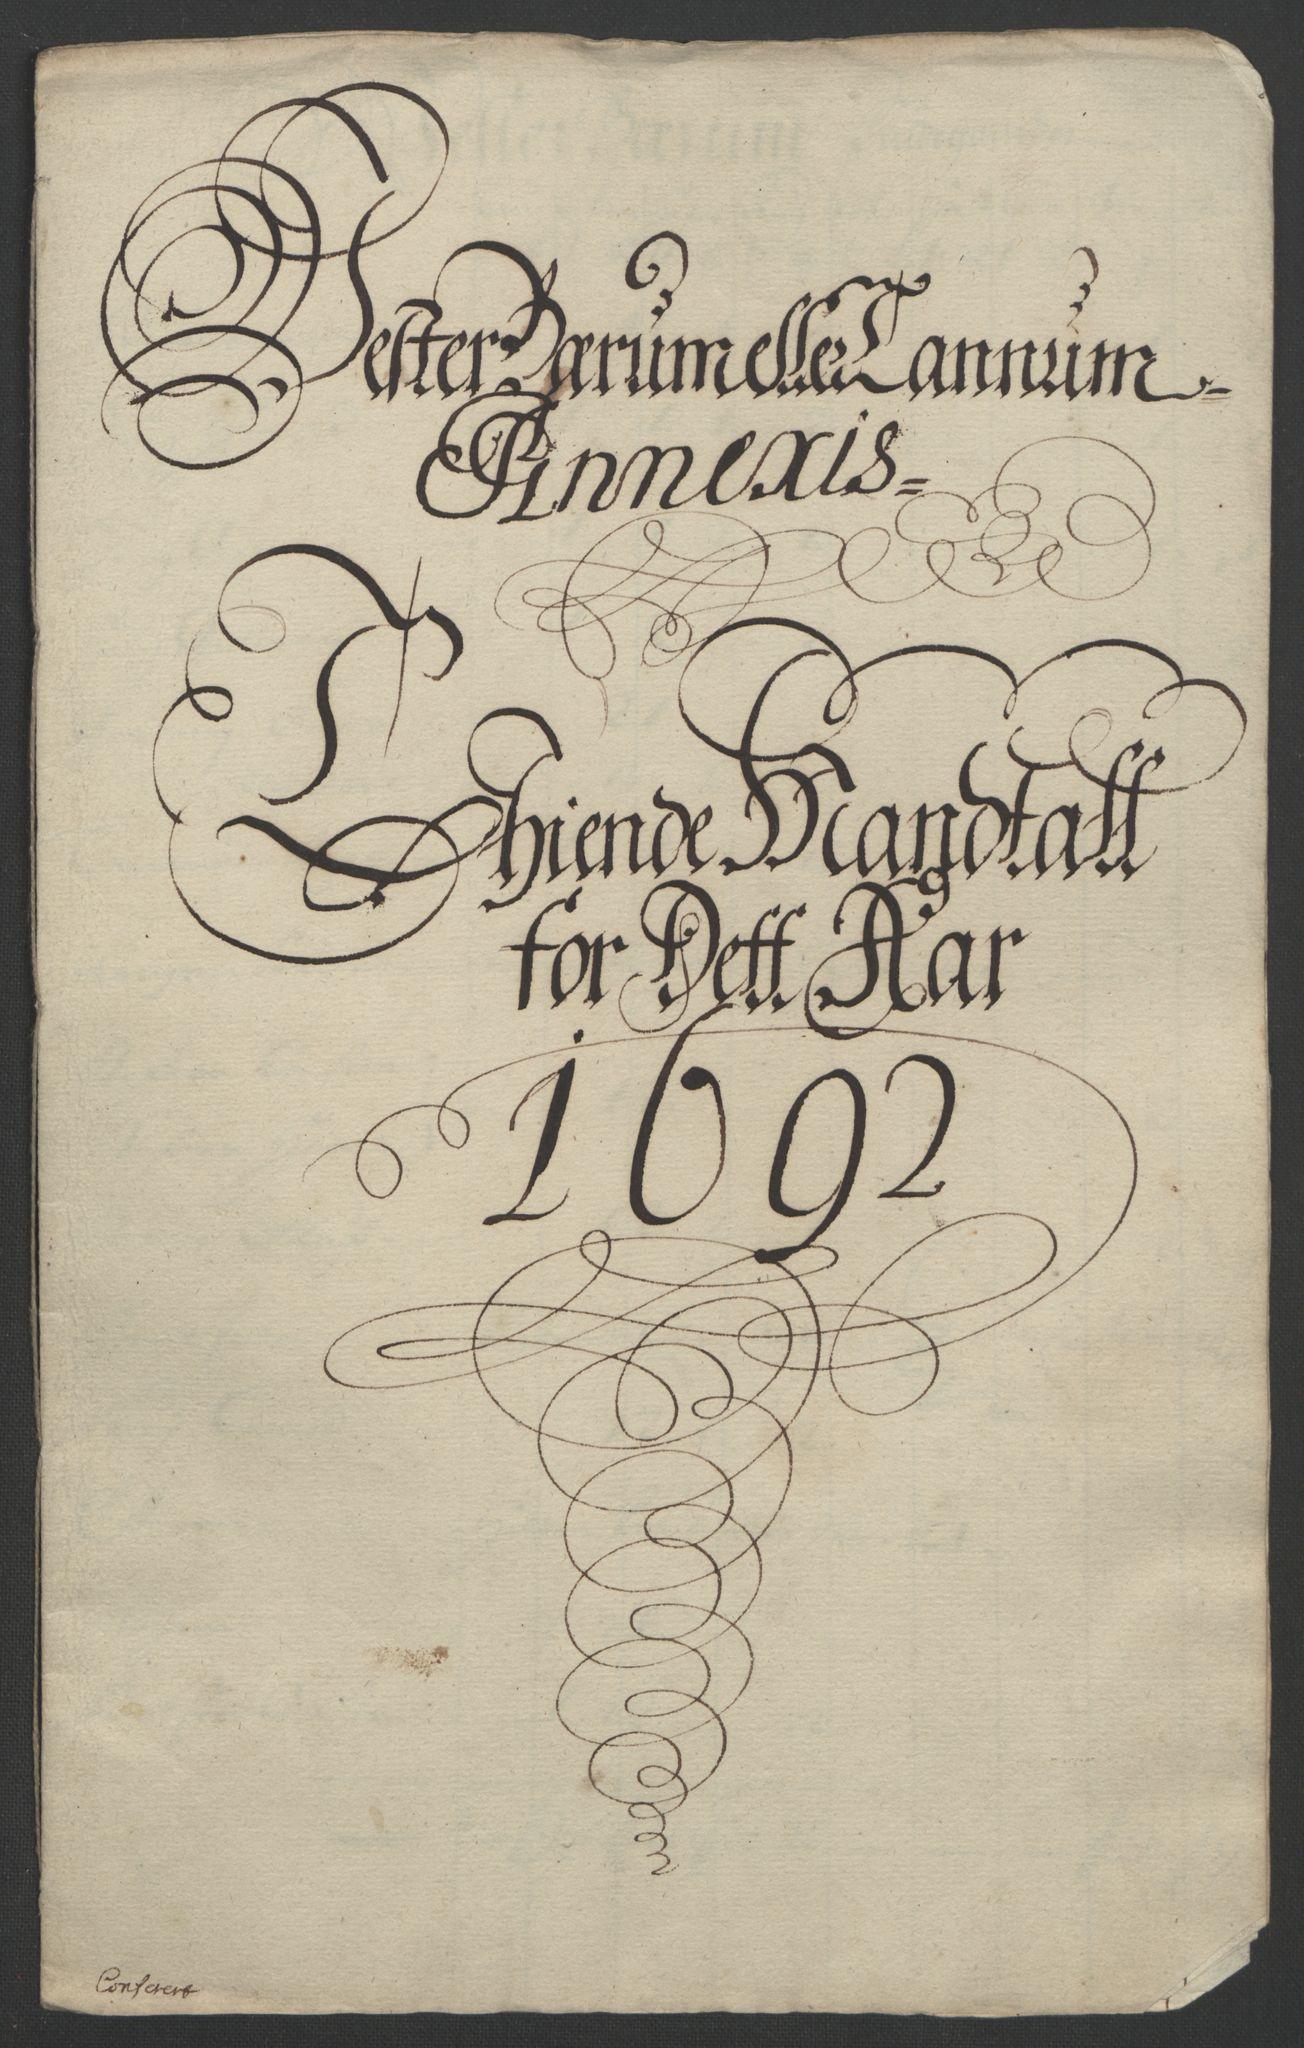 RA, Rentekammeret inntil 1814, Reviderte regnskaper, Fogderegnskap, R08/L0426: Fogderegnskap Aker, 1692-1693, s. 70